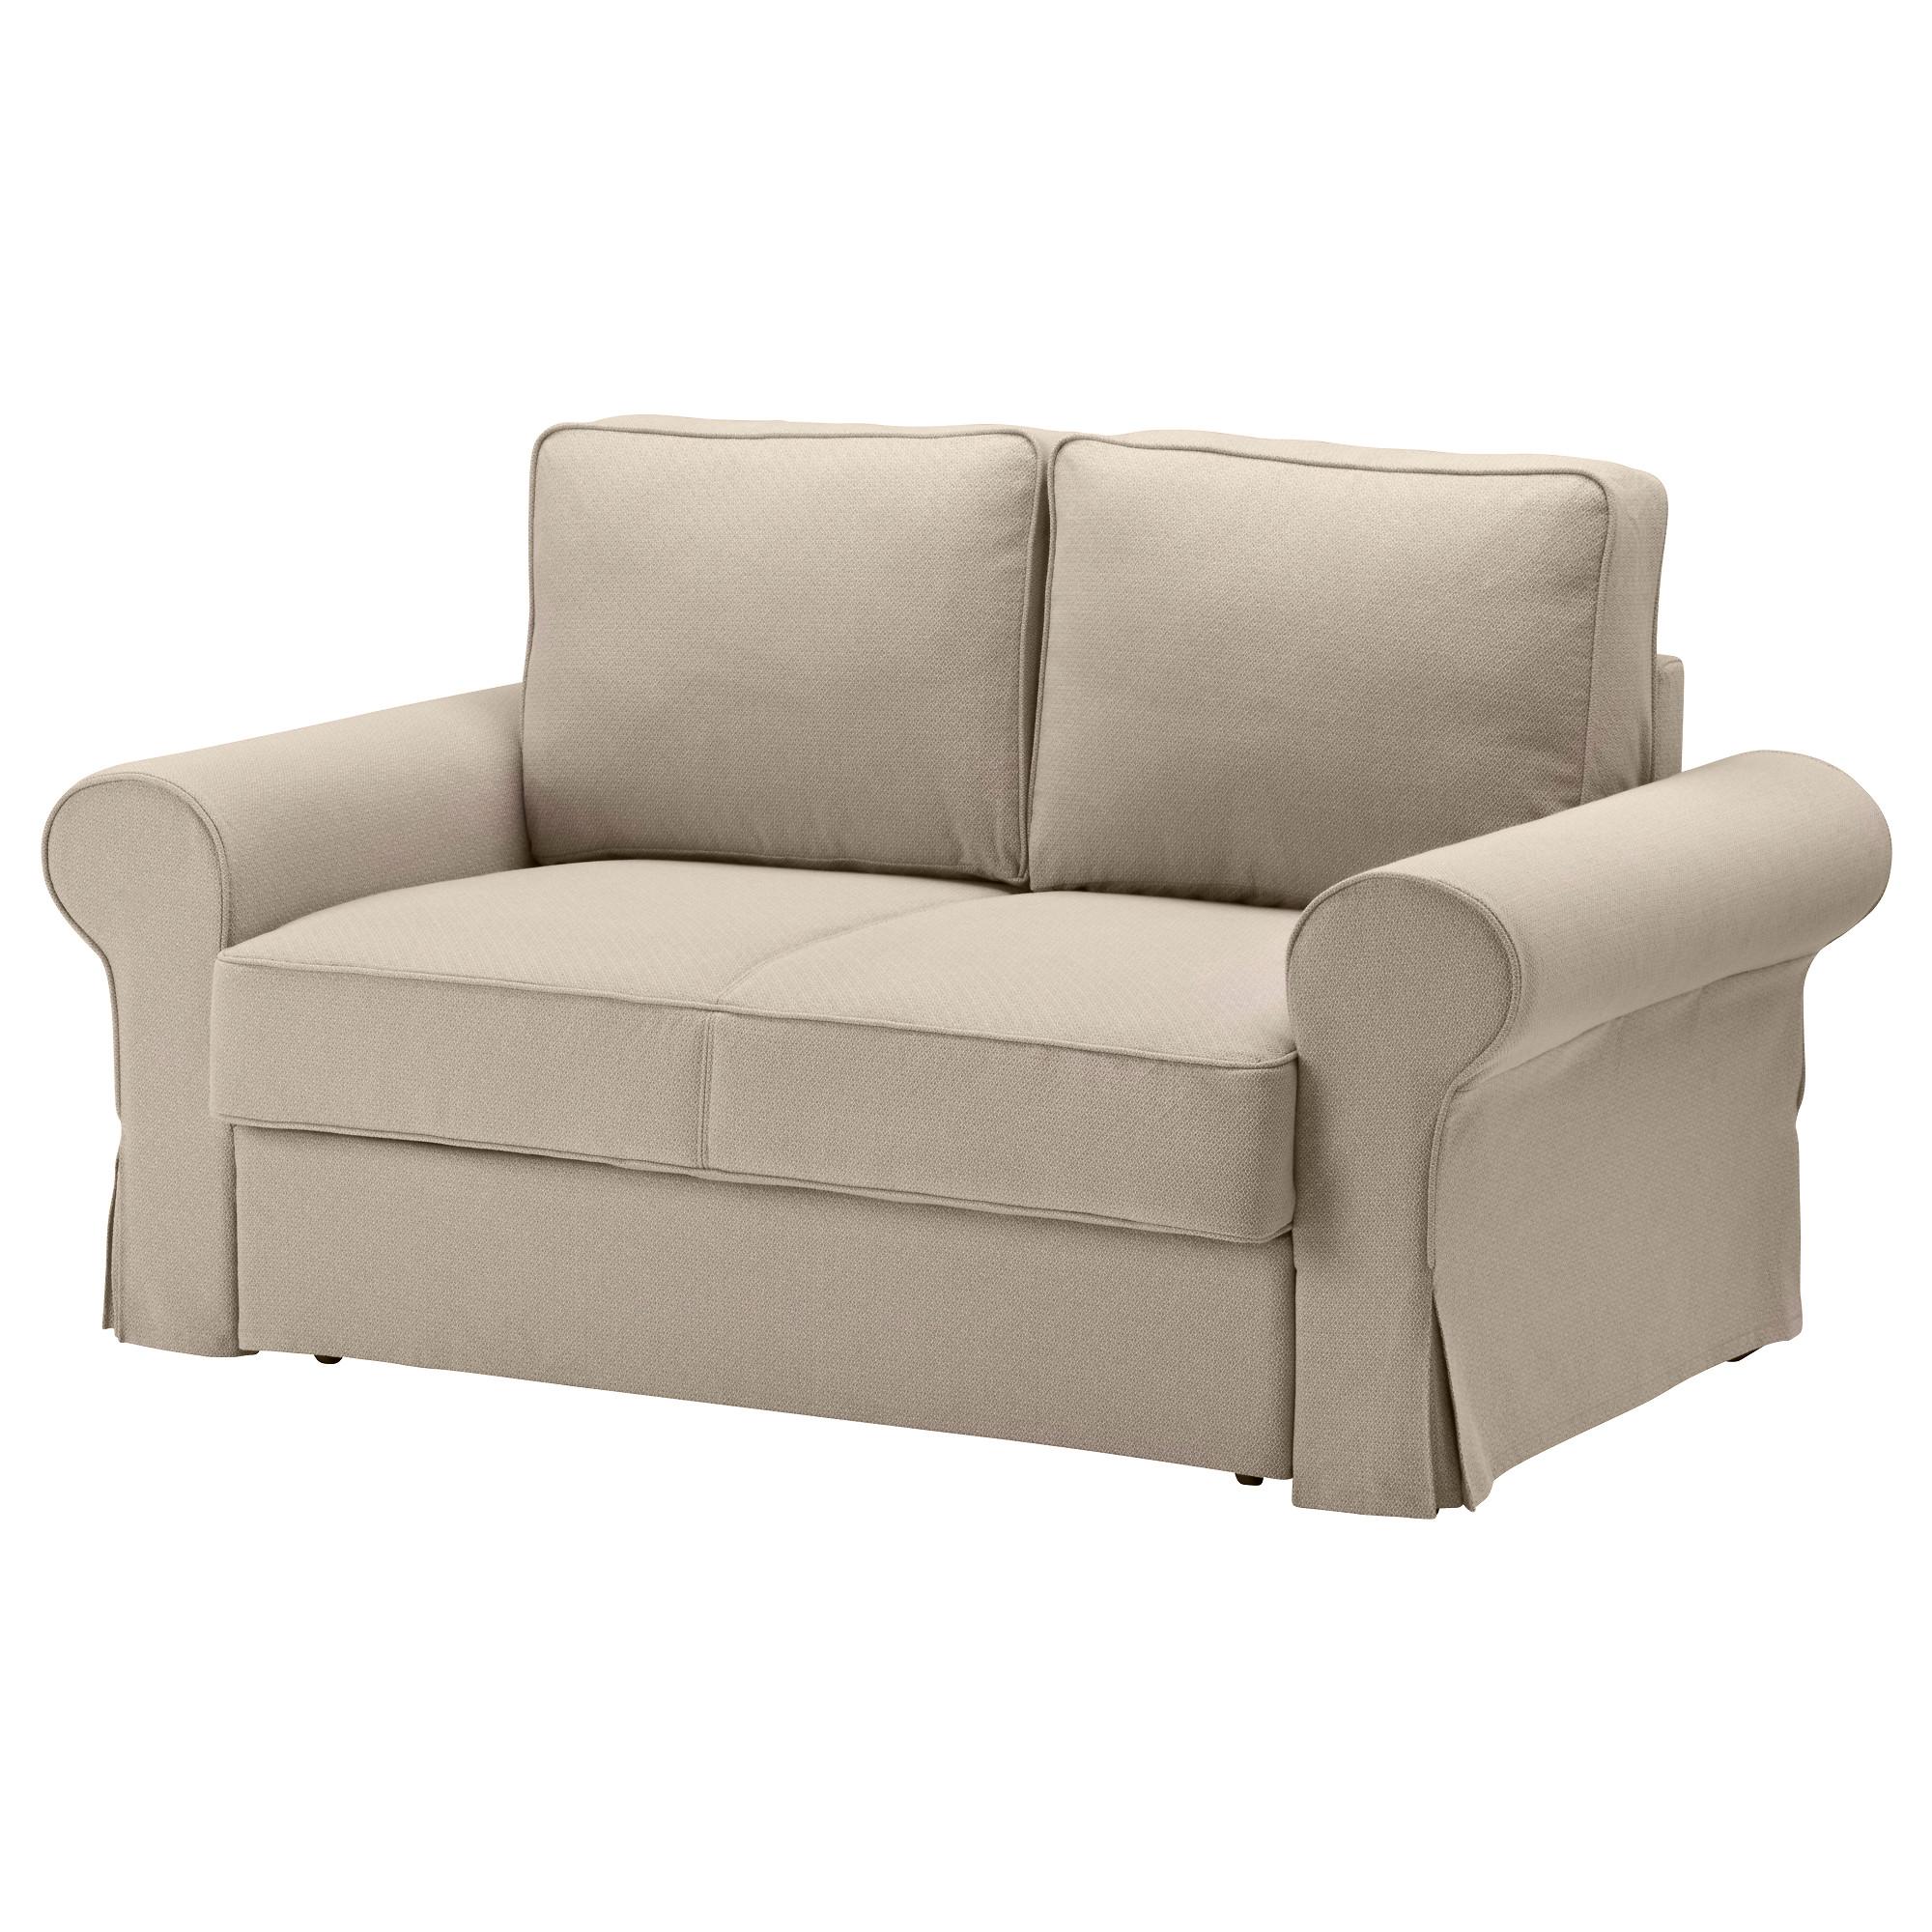 Диван-кровать 2-местная БАККАБРУ бежевый артикуль № 892.407.18 в наличии. Онлайн сайт IKEA Республика Беларусь. Быстрая доставка и установка.